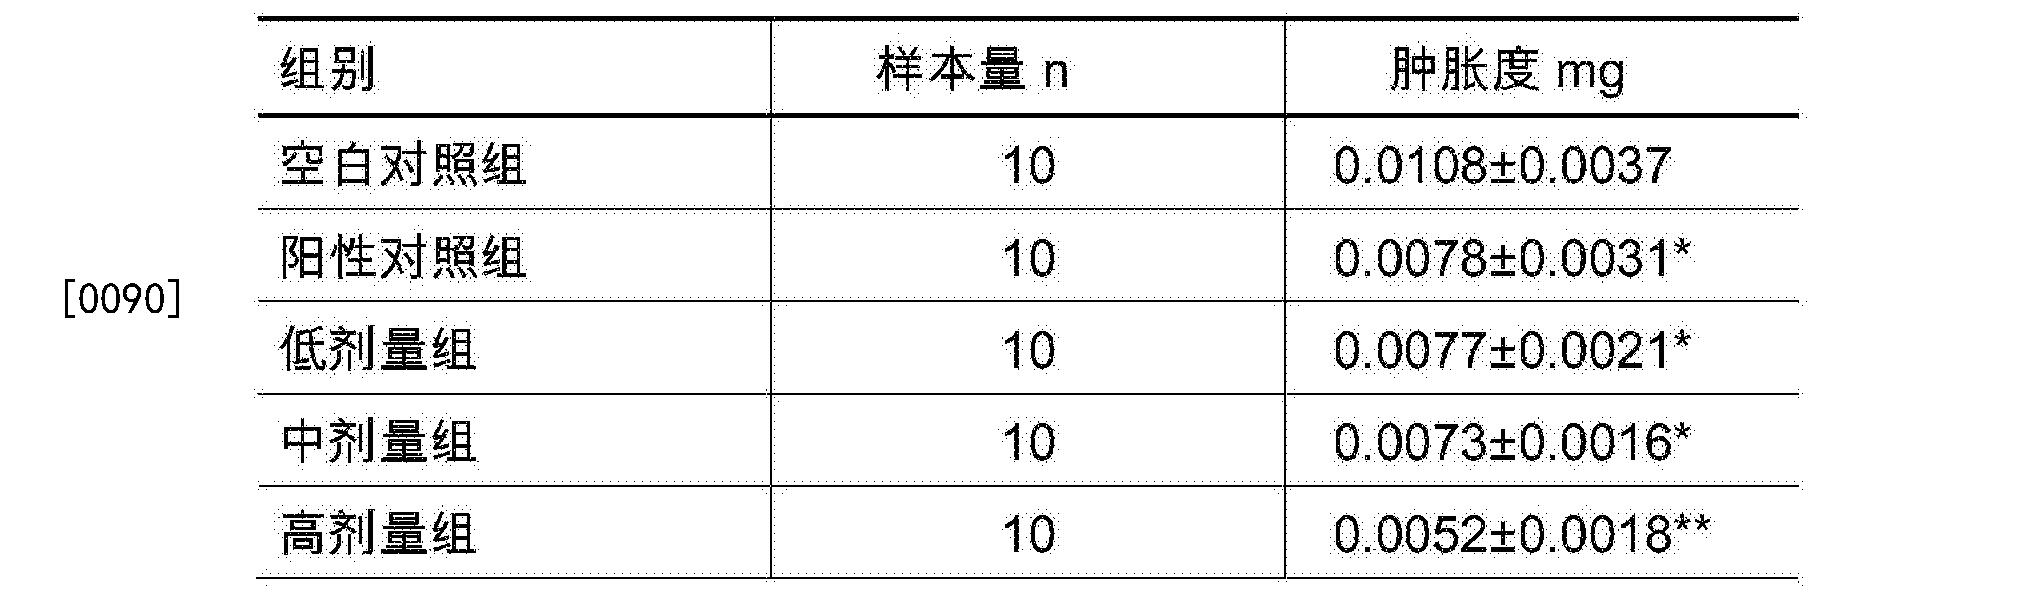 Figure CN105770237BD00131